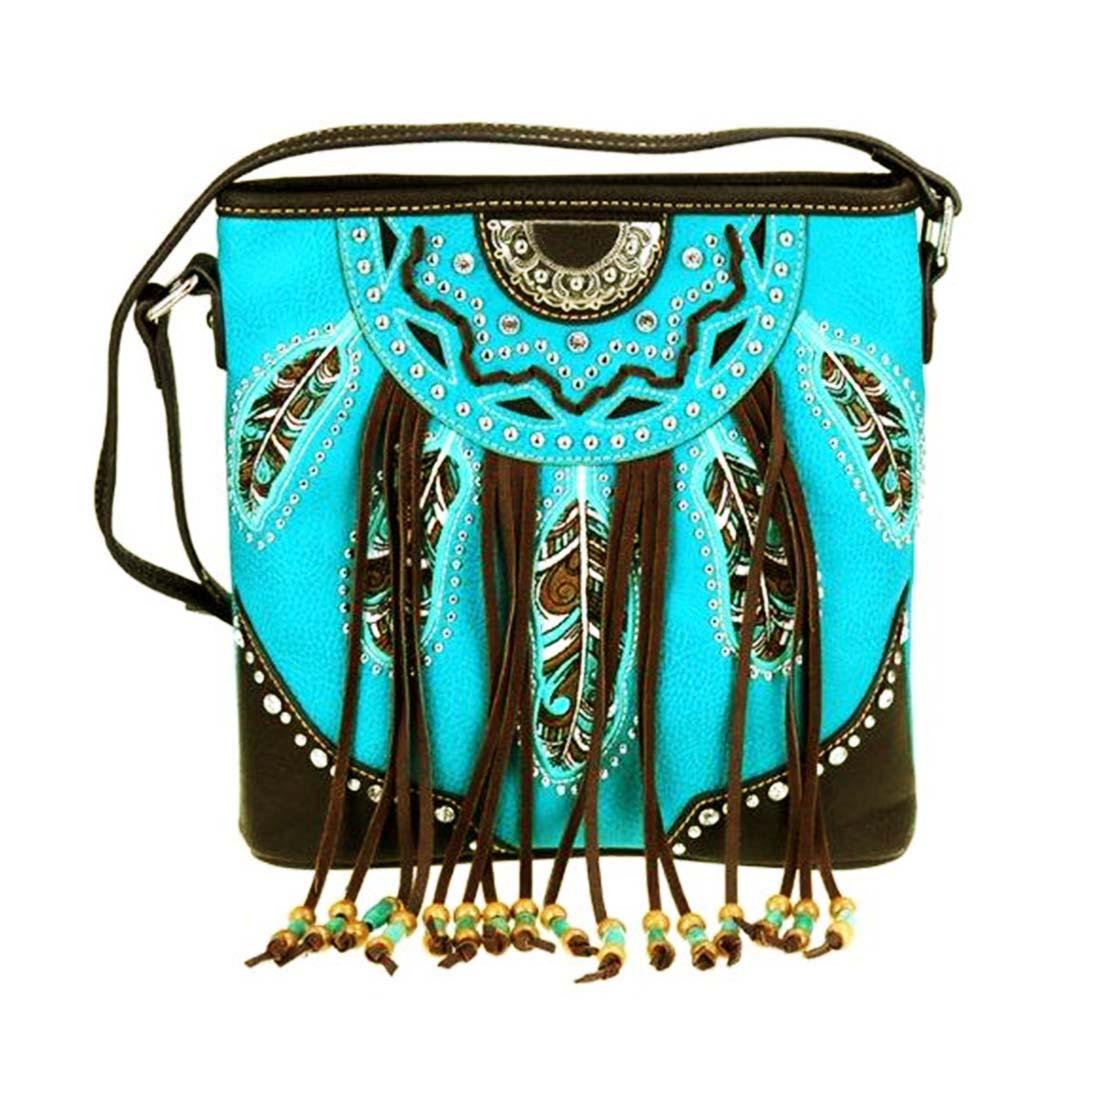 画像1: 刺繍フェザー&フリンジ サウスウエスト ショルダーバッグ(ターコイズ・ブラウン)/Bag